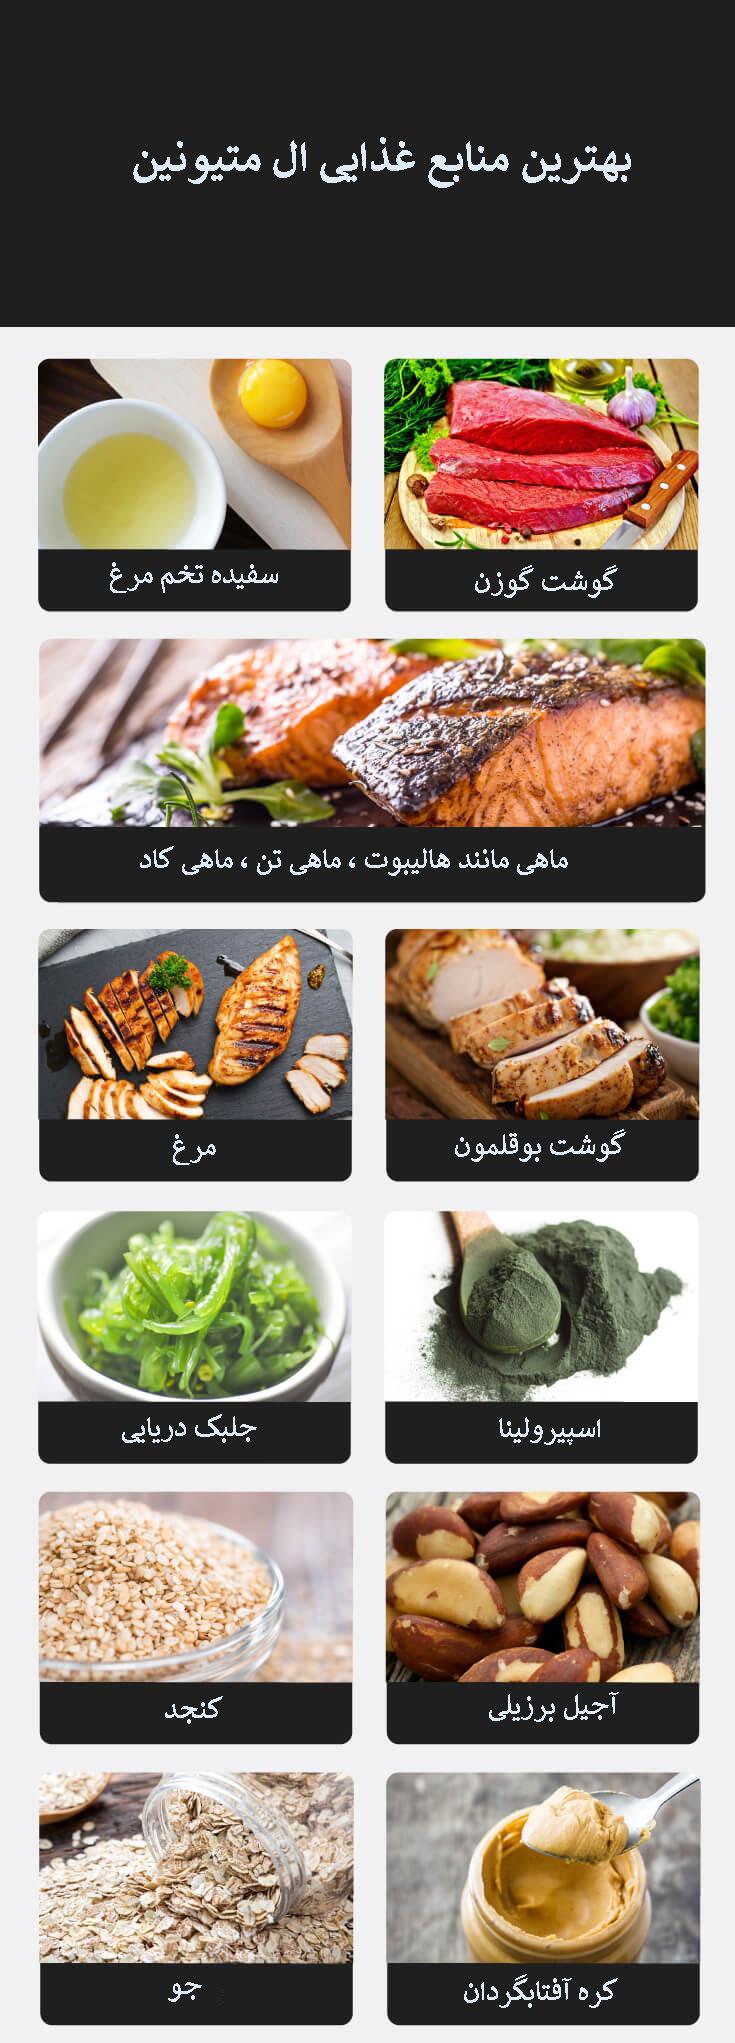 منابع غذایی ال متیونین